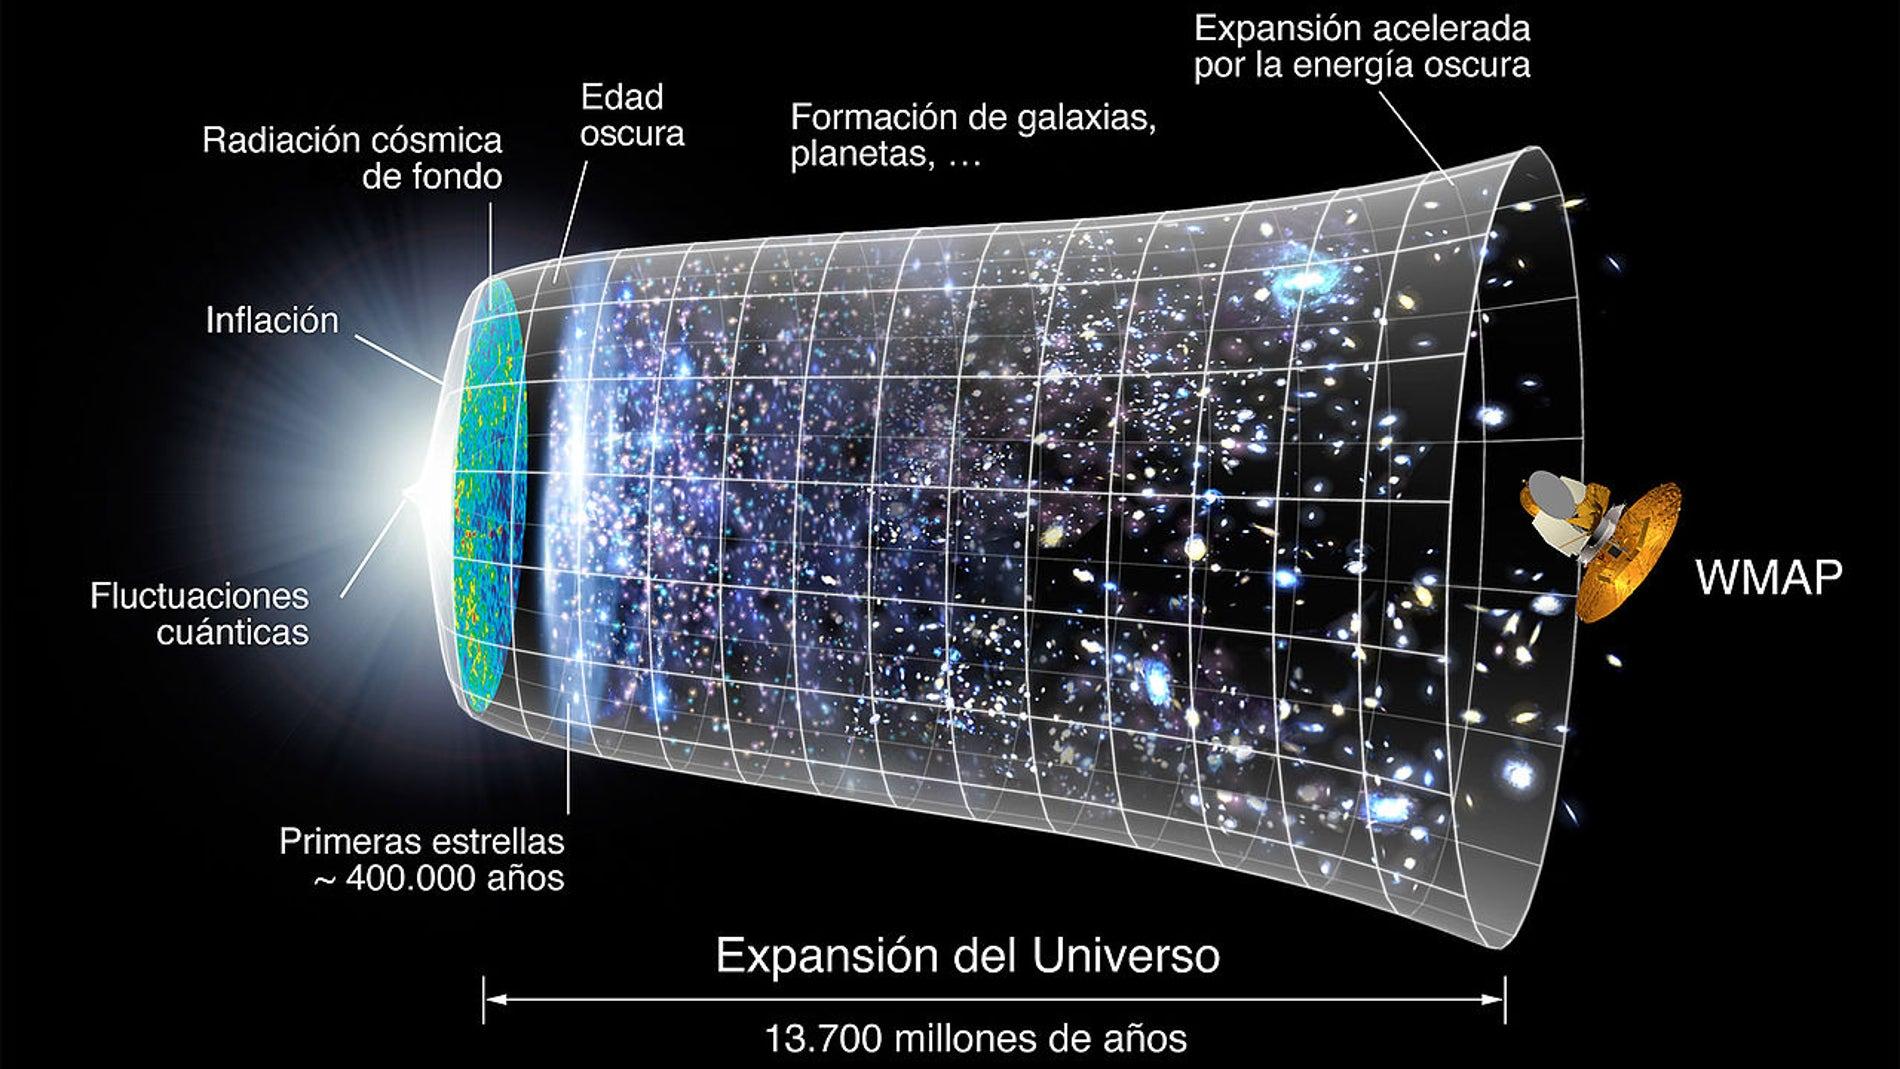 Historia del universo a partir del Big Bang